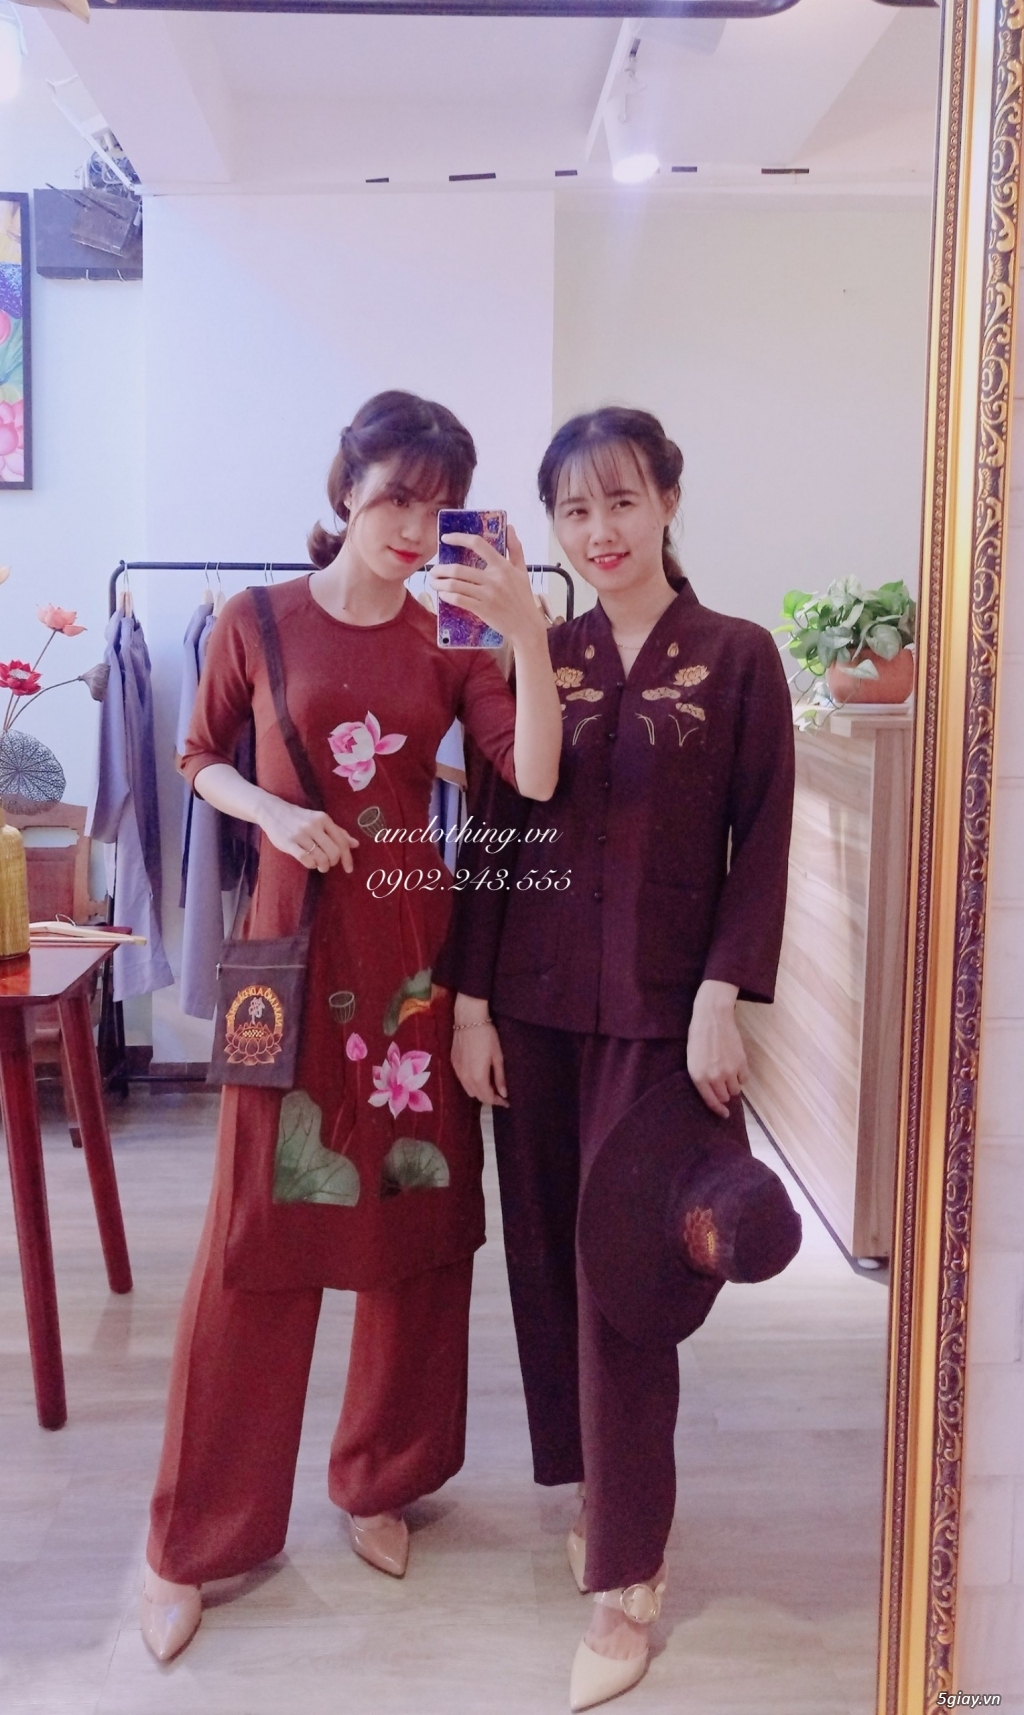 Áo dài cách tân Phật tử đi lễ - Pháp phục cao cấp hcm ANCLOTHING